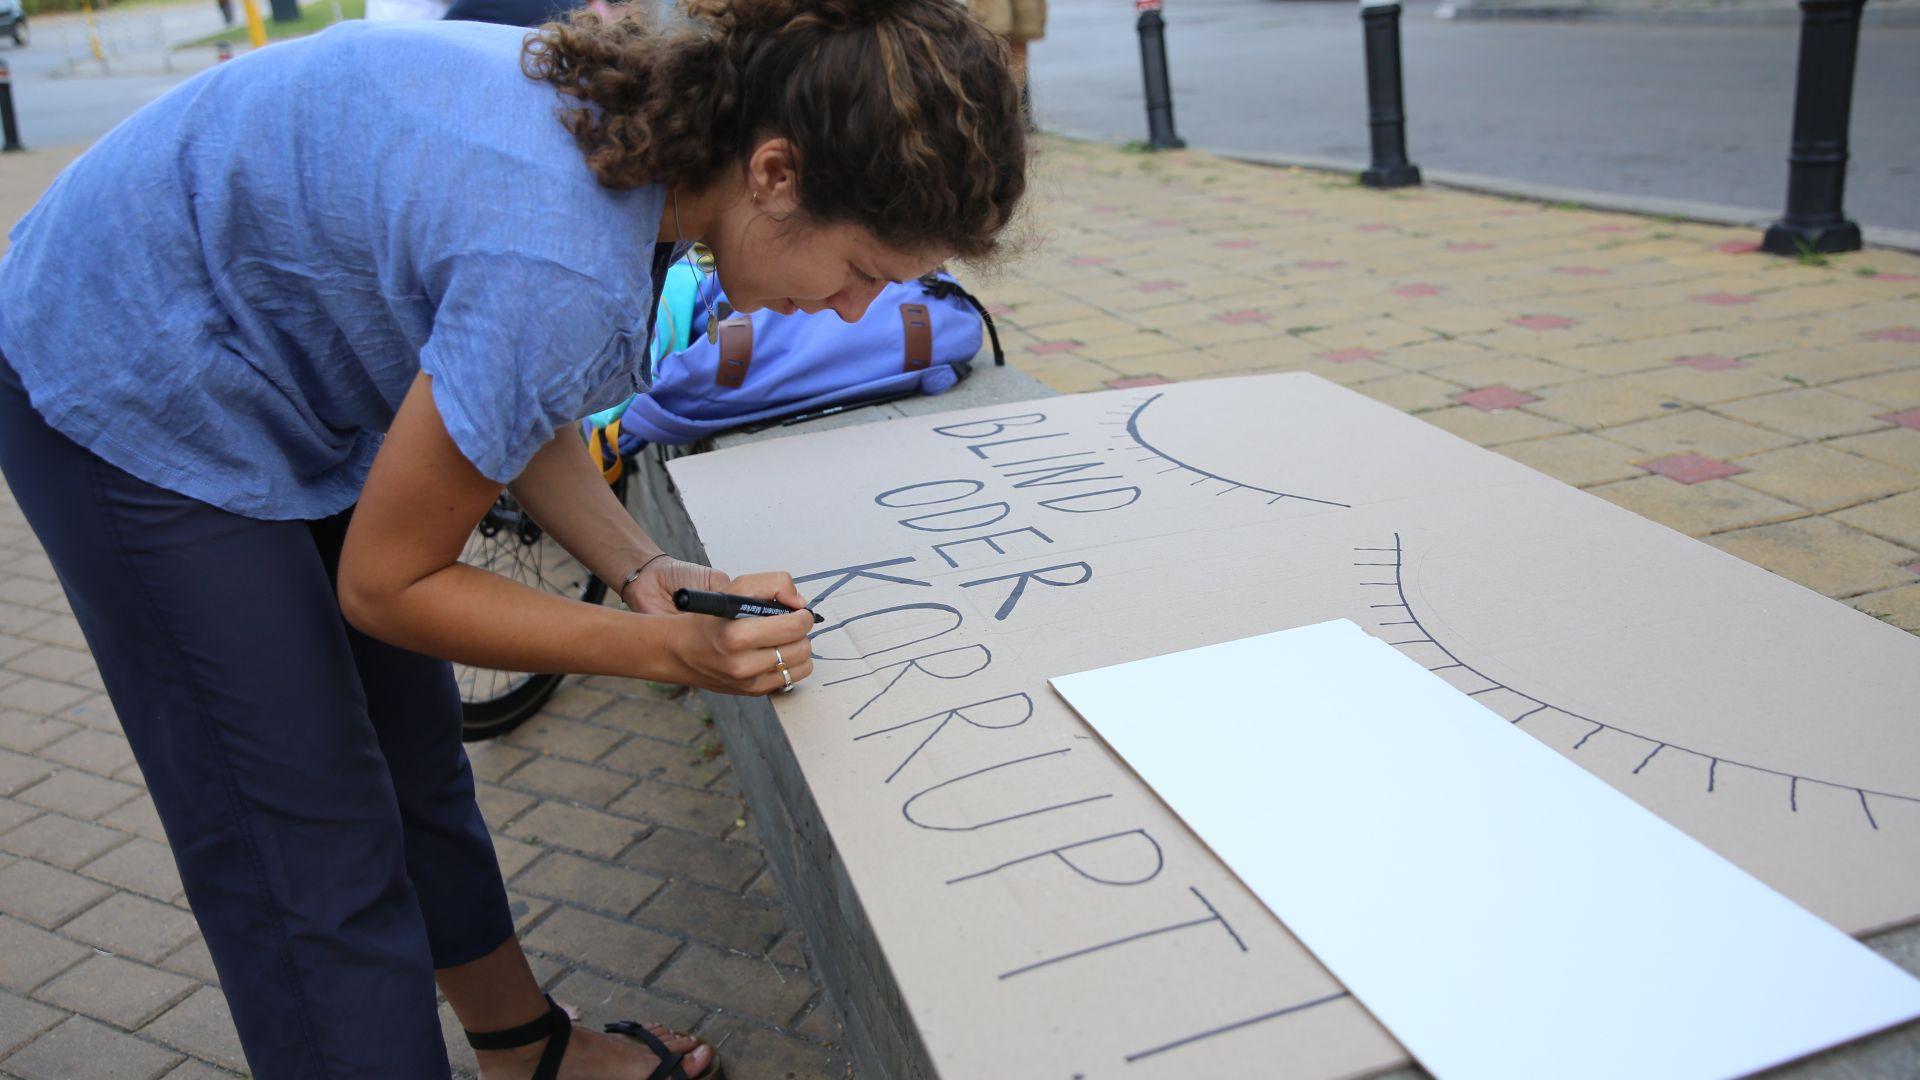 Ден 35 от протеста: Машинно гласуване, опашка на магистралата и затворени очи пред Германия